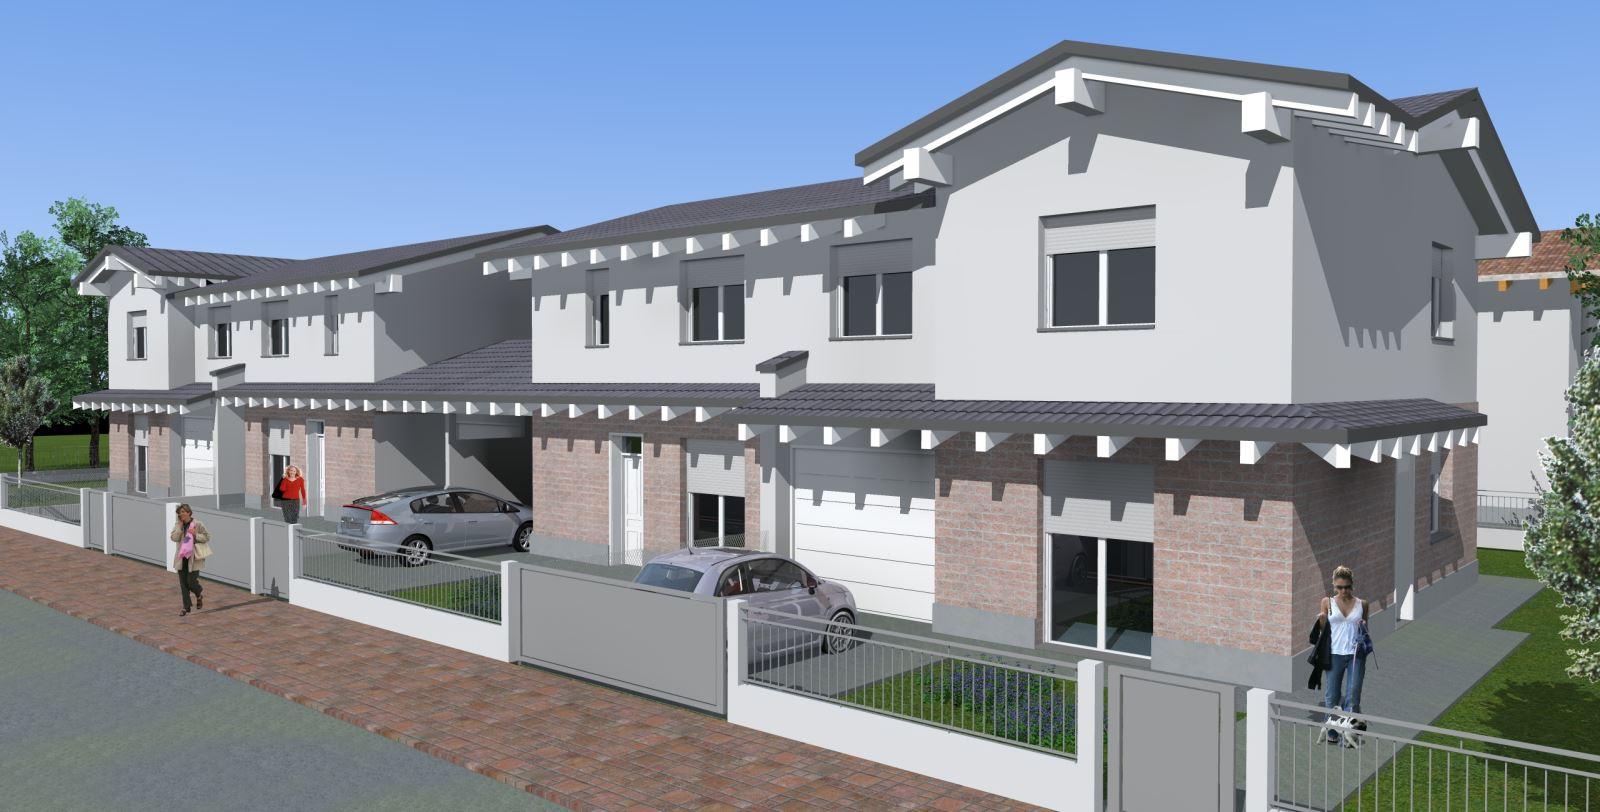 Suzzara casa s a s for Villette moderne progetti